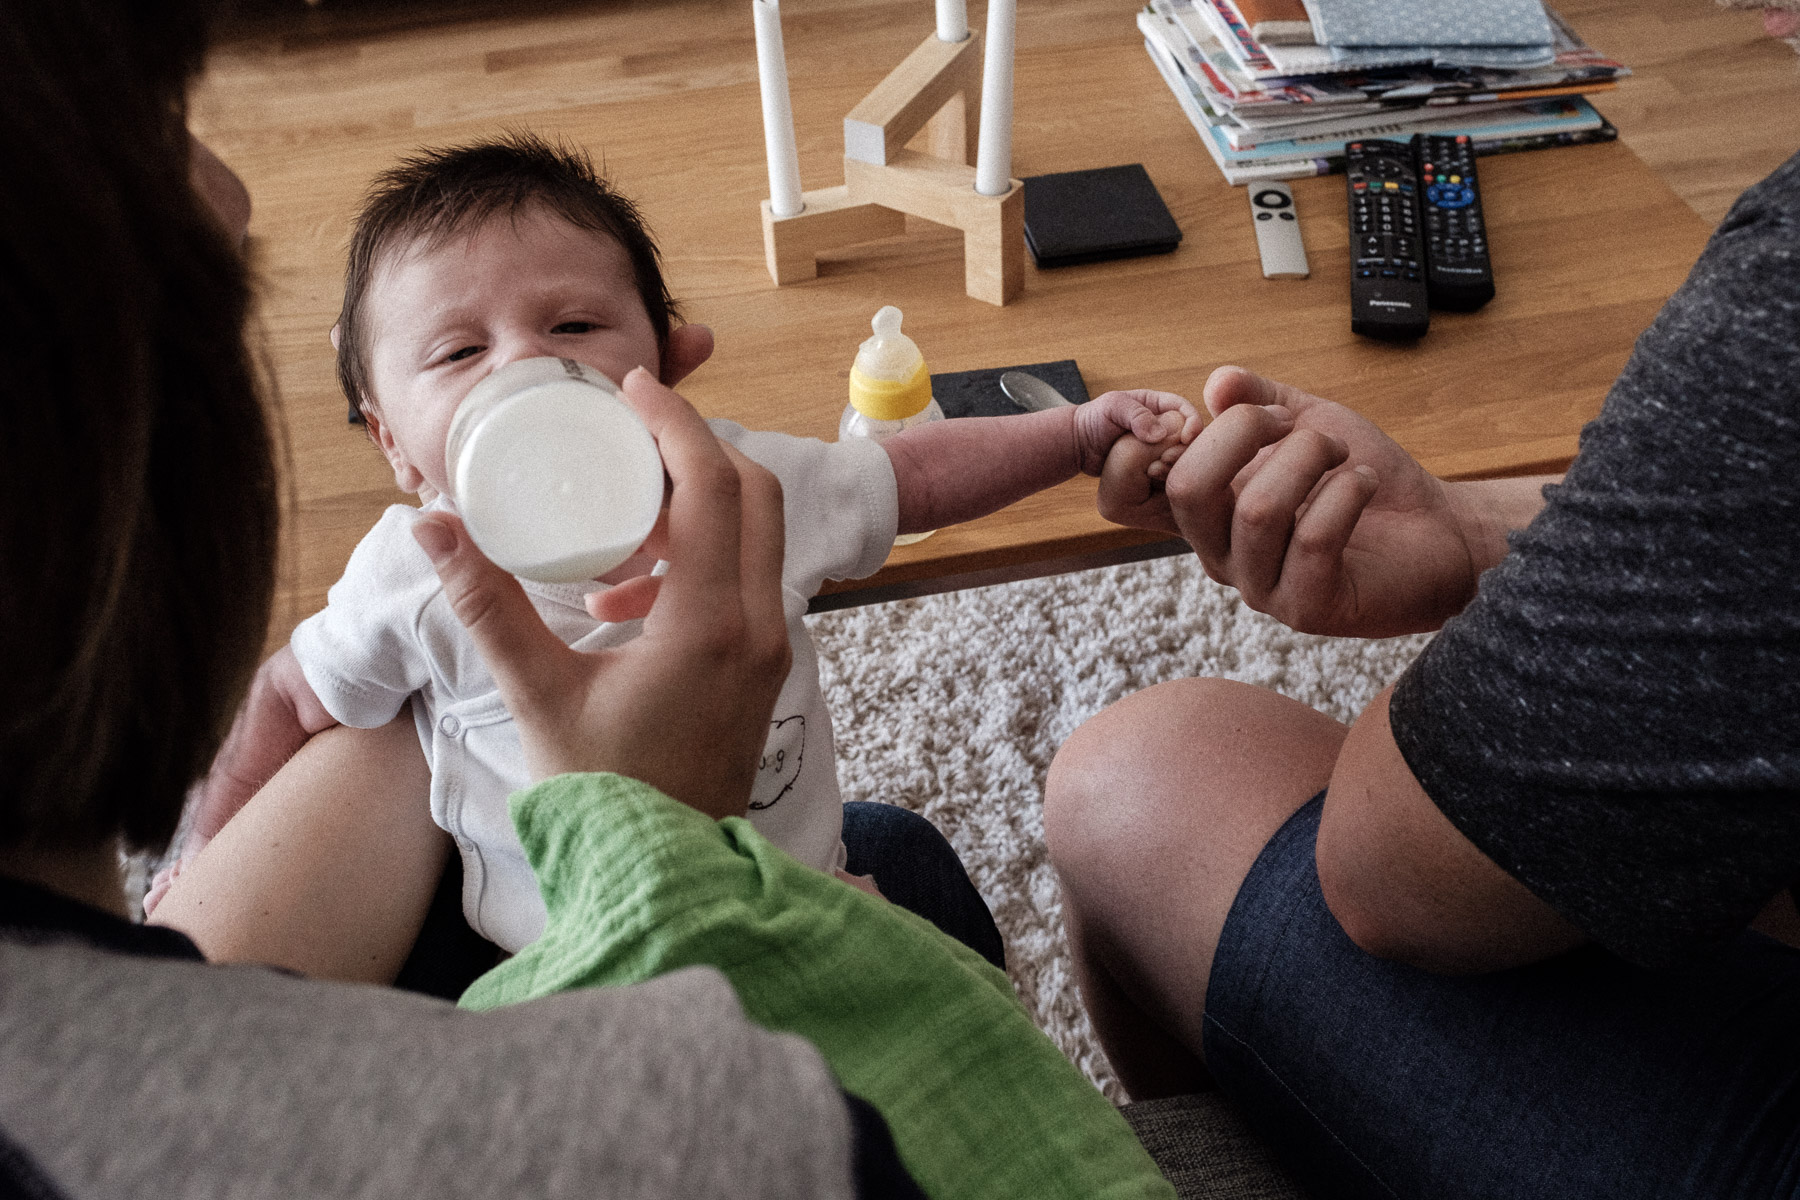 Martin_Liebl_Kein_Familienfotograf_M_Blog_26.jpg